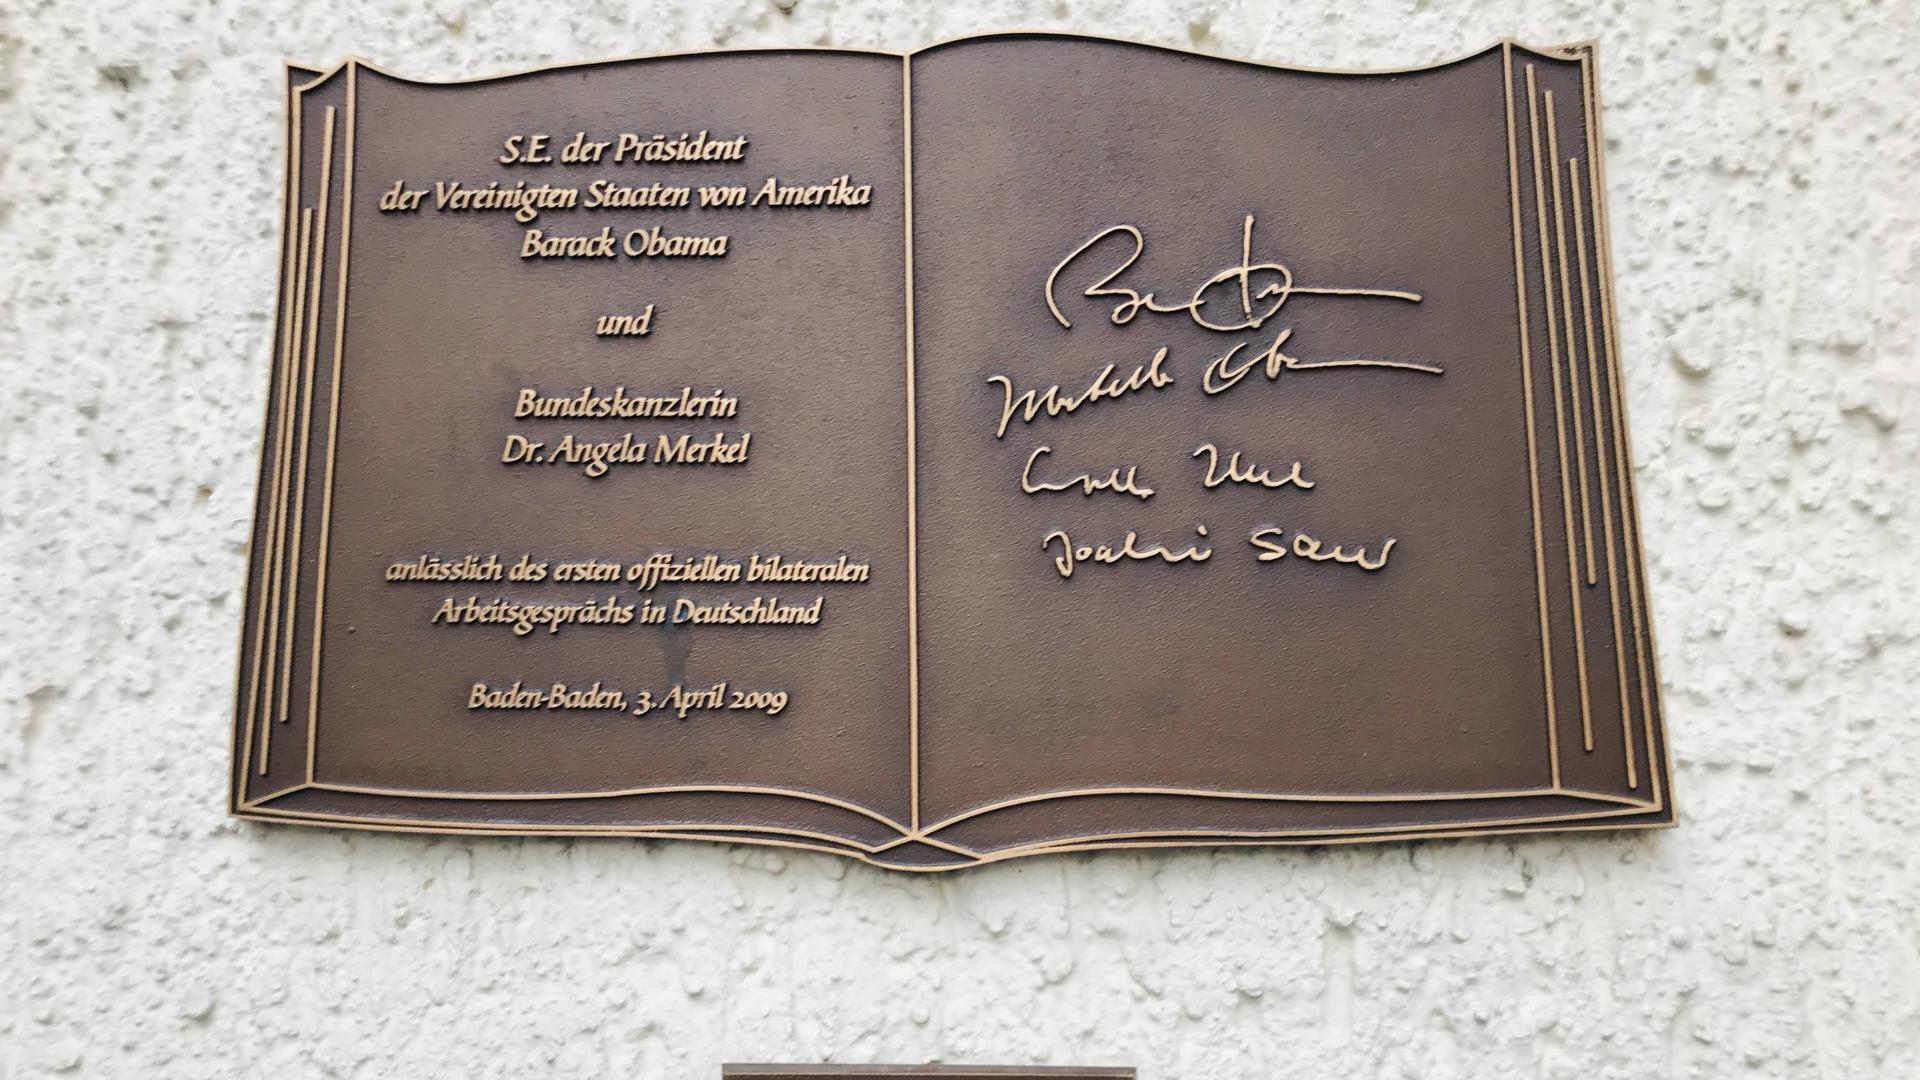 Goldenes Buch Stadt Baden-Baden , Messingtafel am Rathaus mit Unterschriften für Bundeskanzlerin Angela Merkel und US-Präsident Barack Obama anlässlich des Nato-Gipfels am 3. April 2009